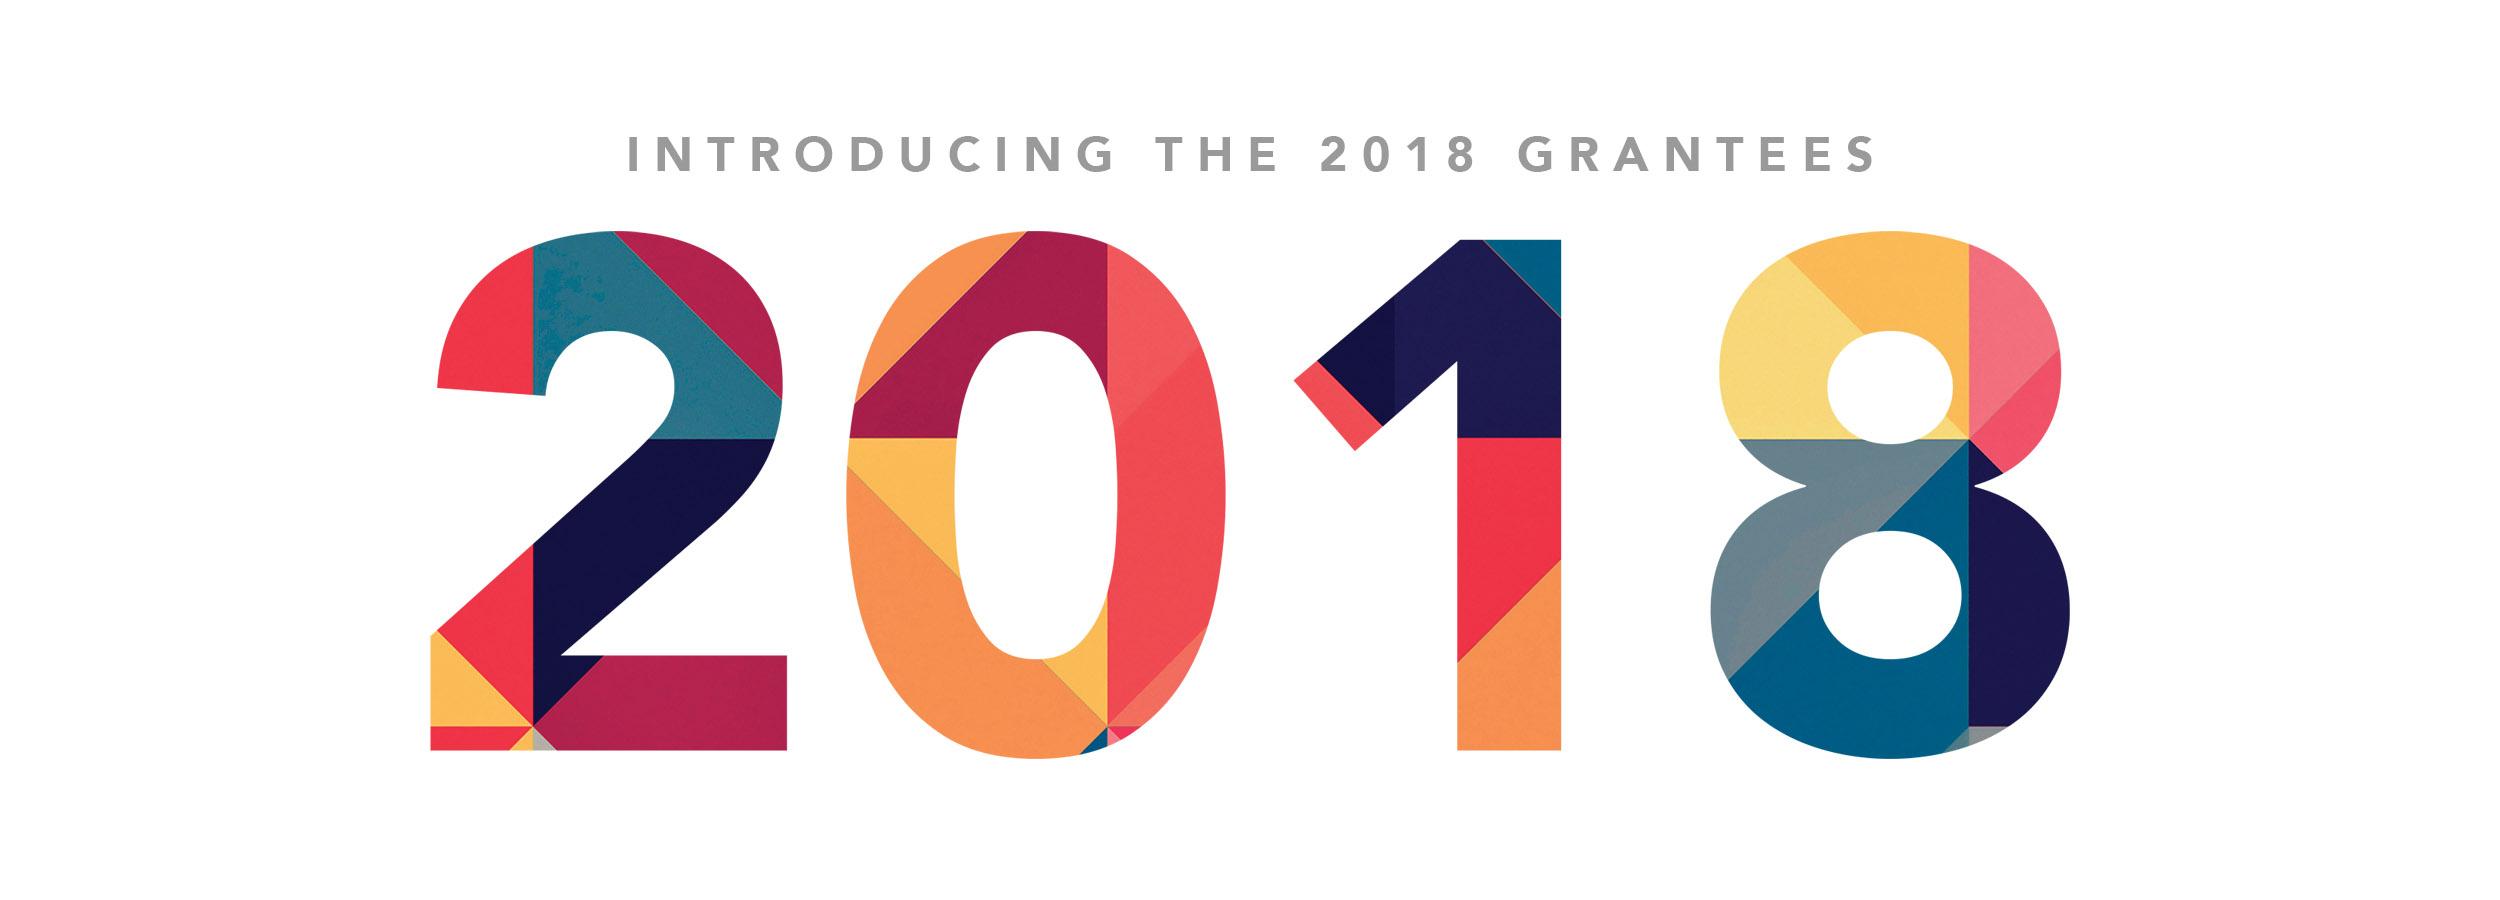 2018grantees_CWF_banner2.jpg